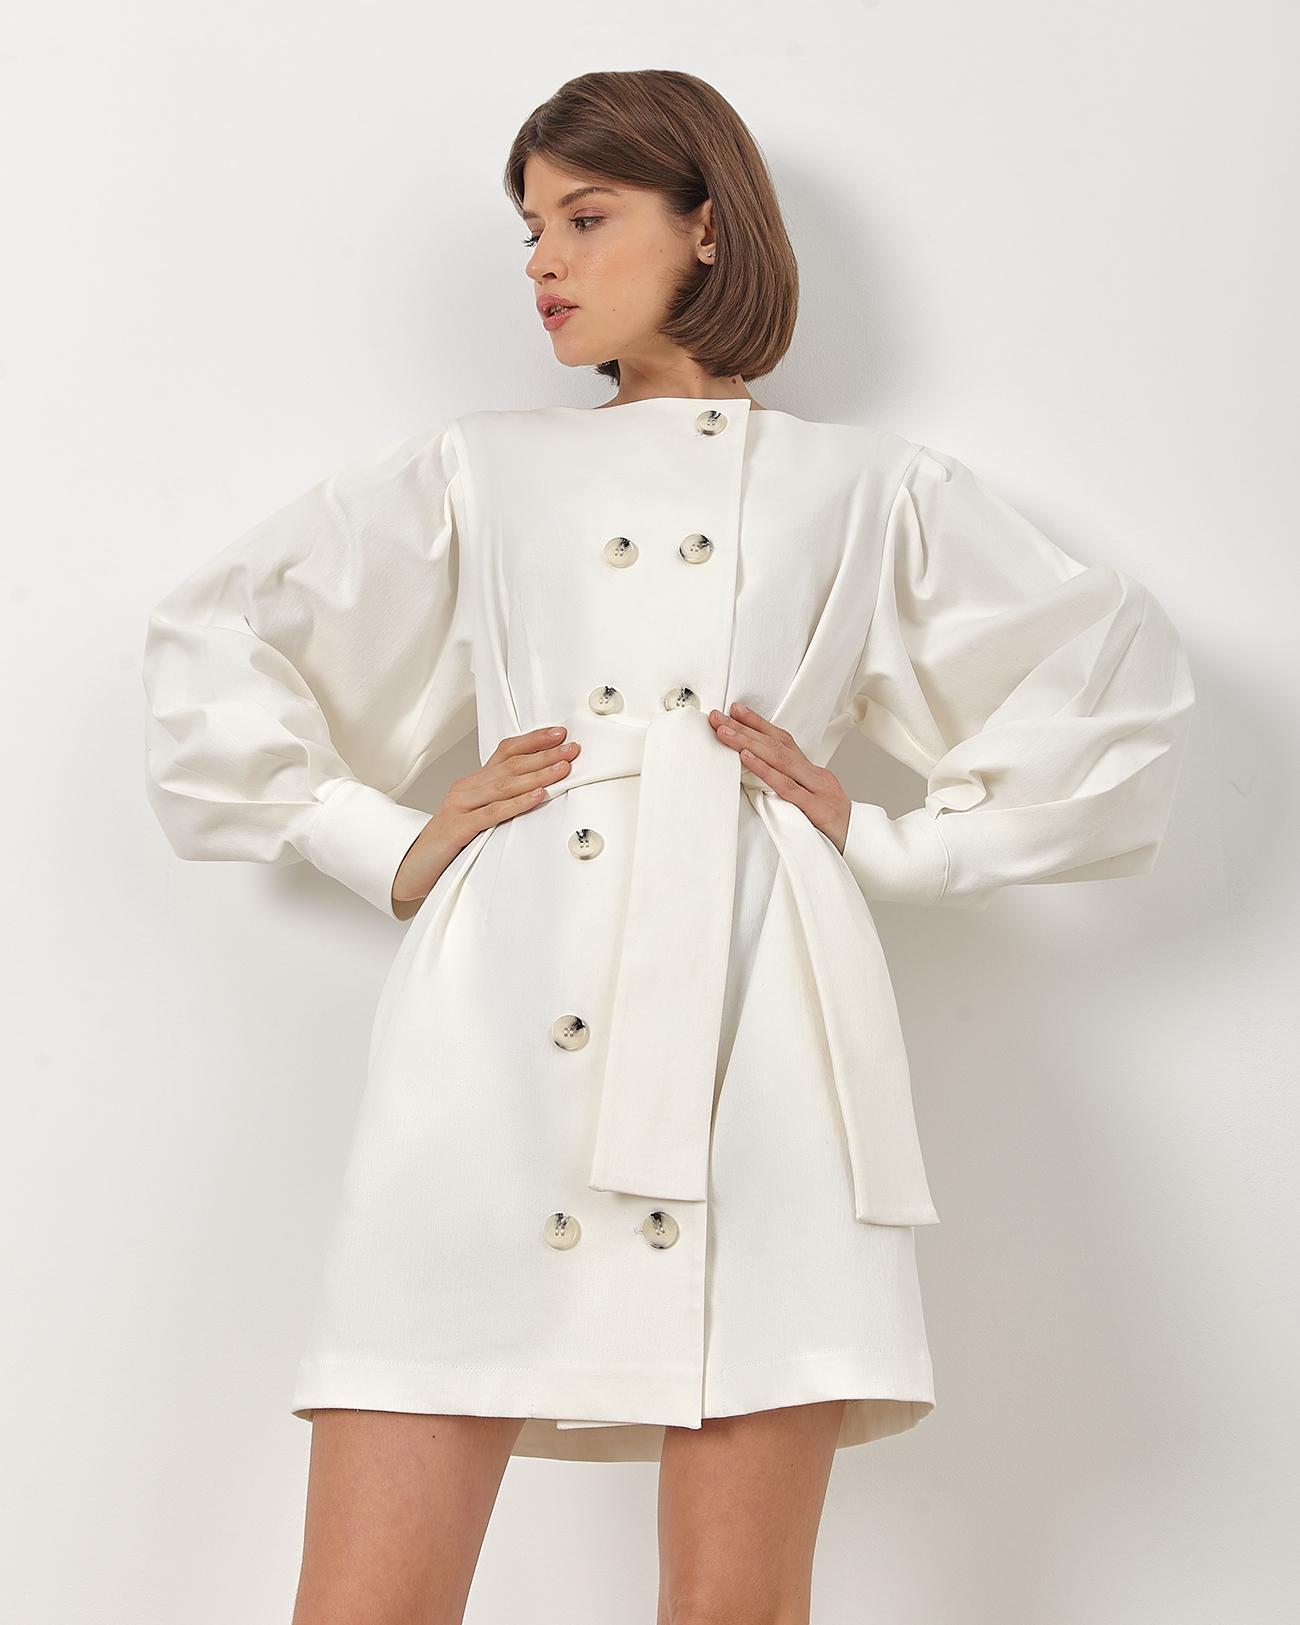 Платье мини с поясом белого цвета фото